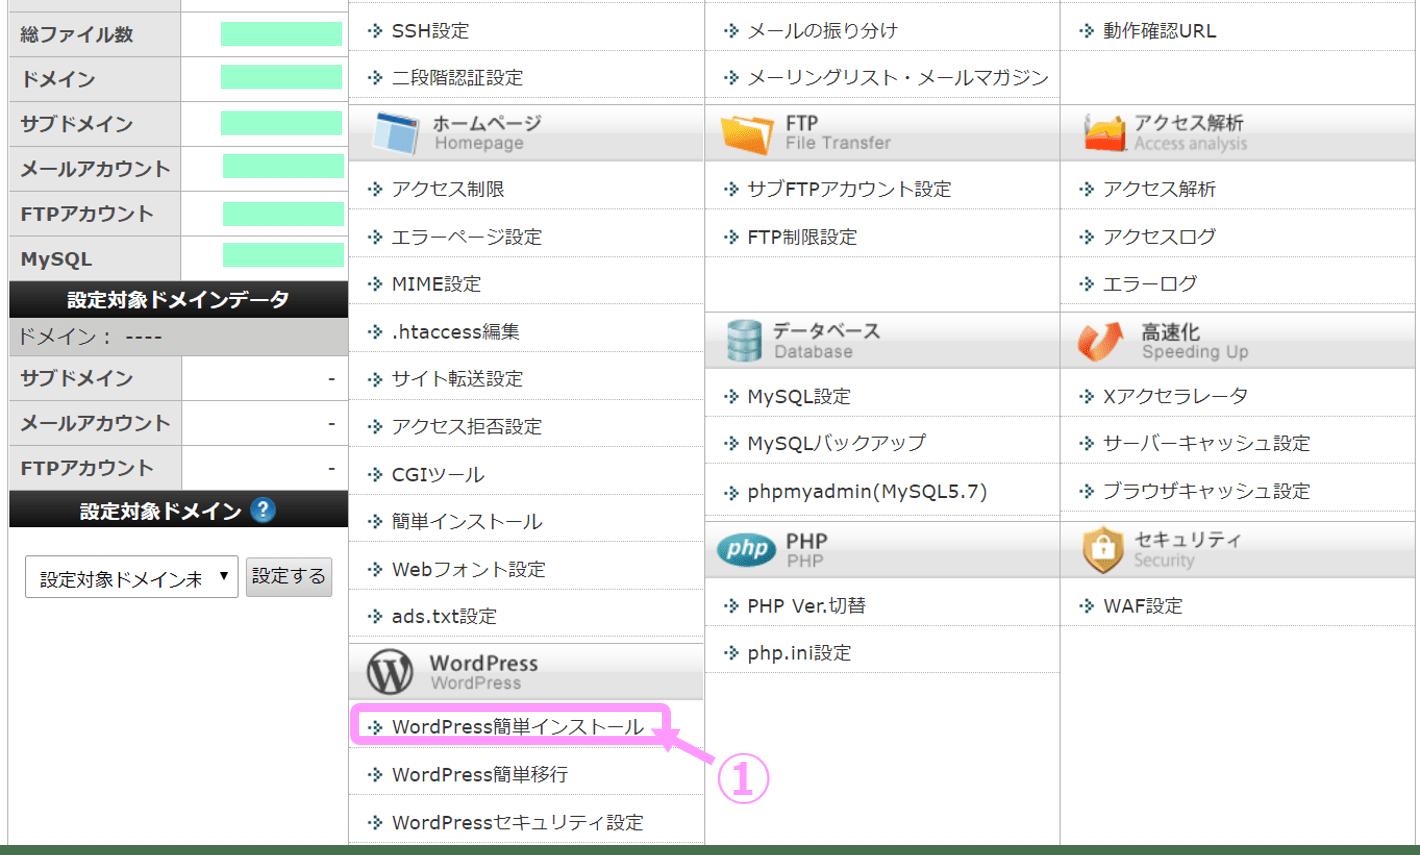 WPインストール説明画像1